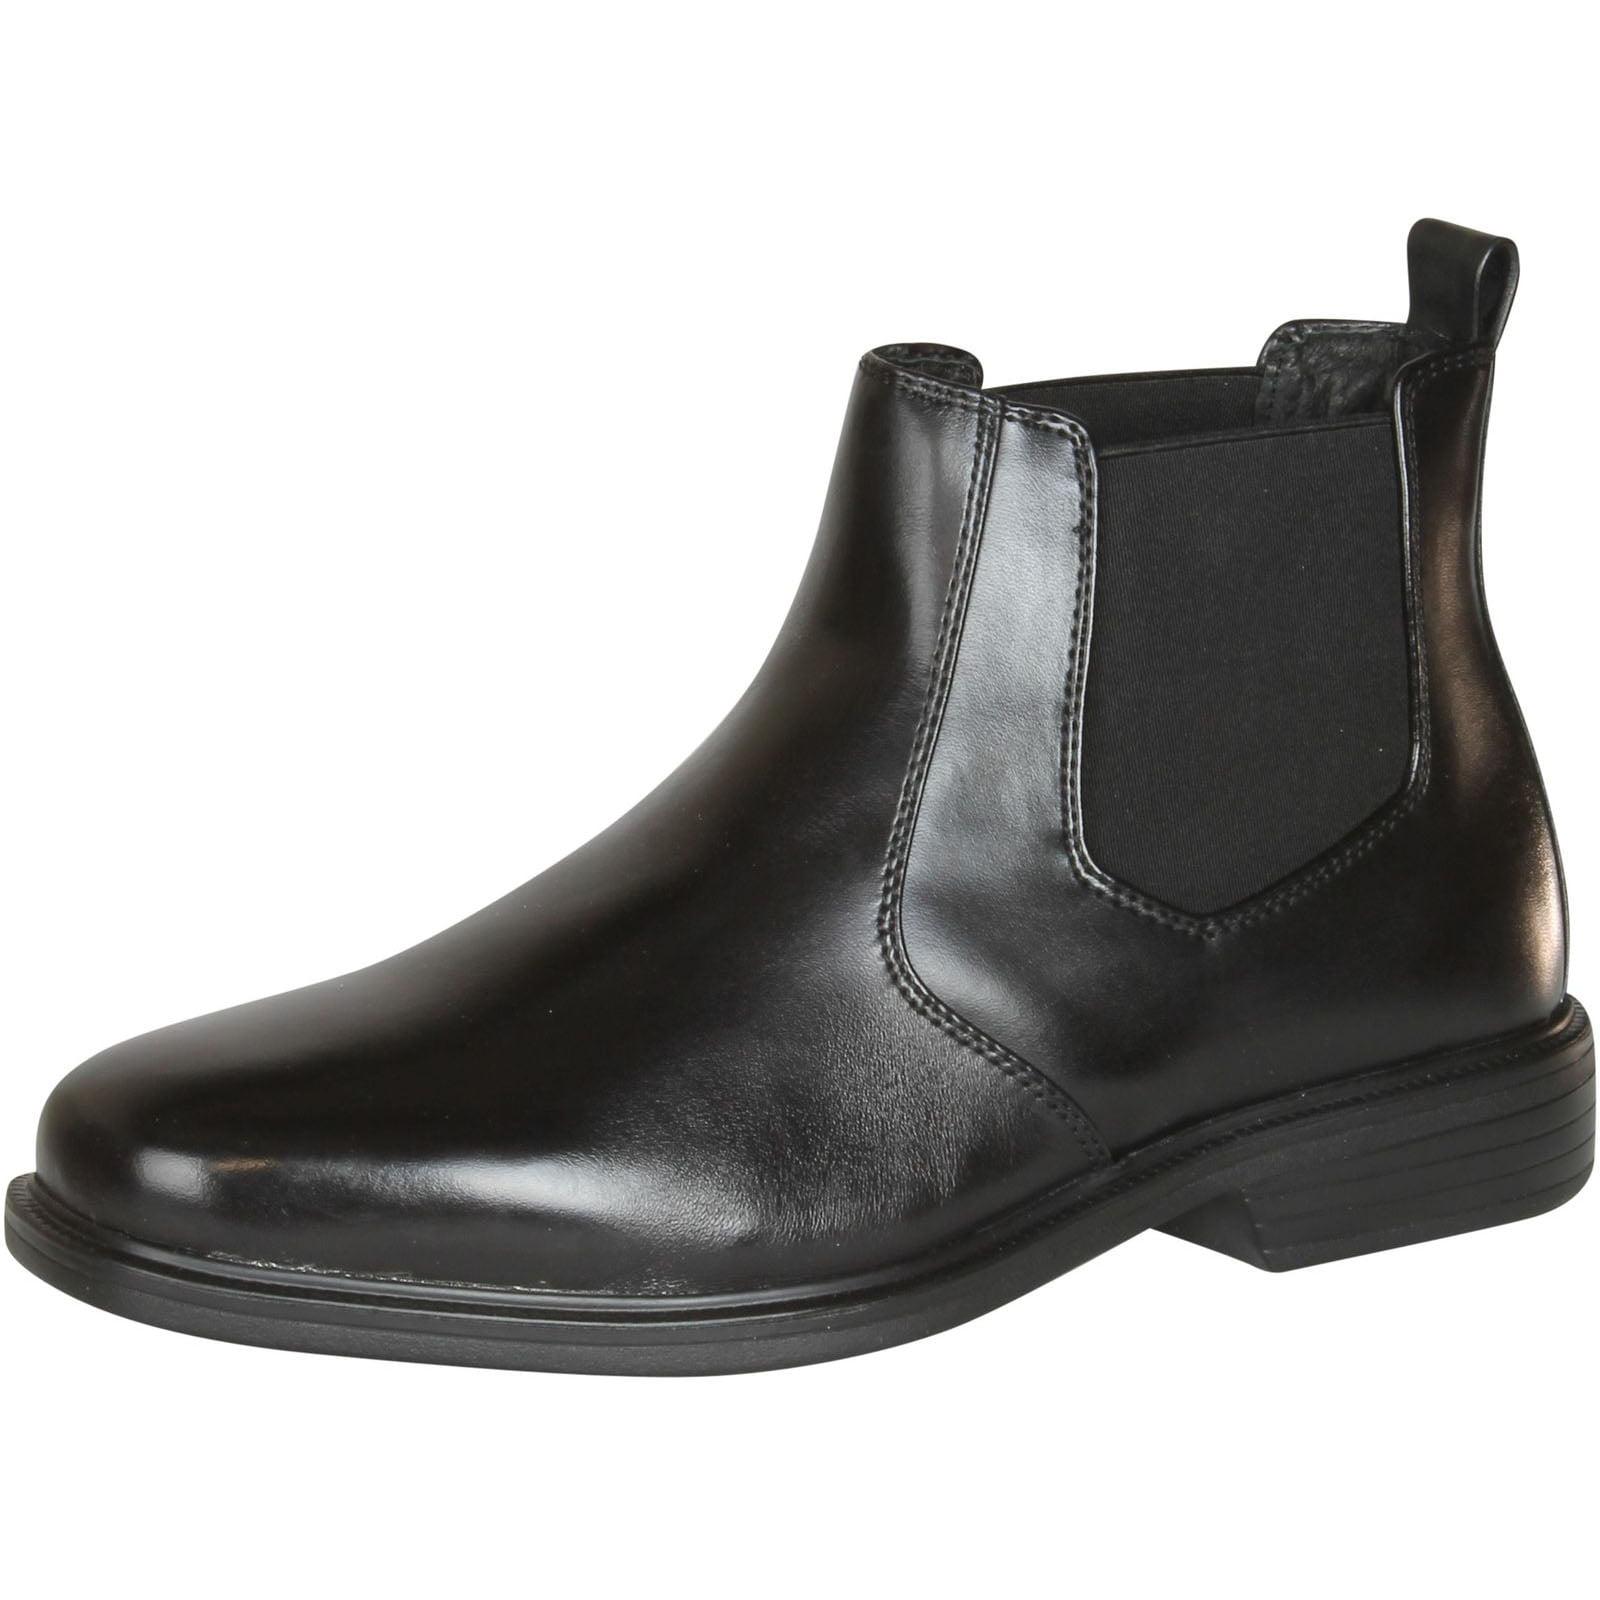 Giorgio Brutini Mens Leather Wide Width Boots by Giorgio Brutini